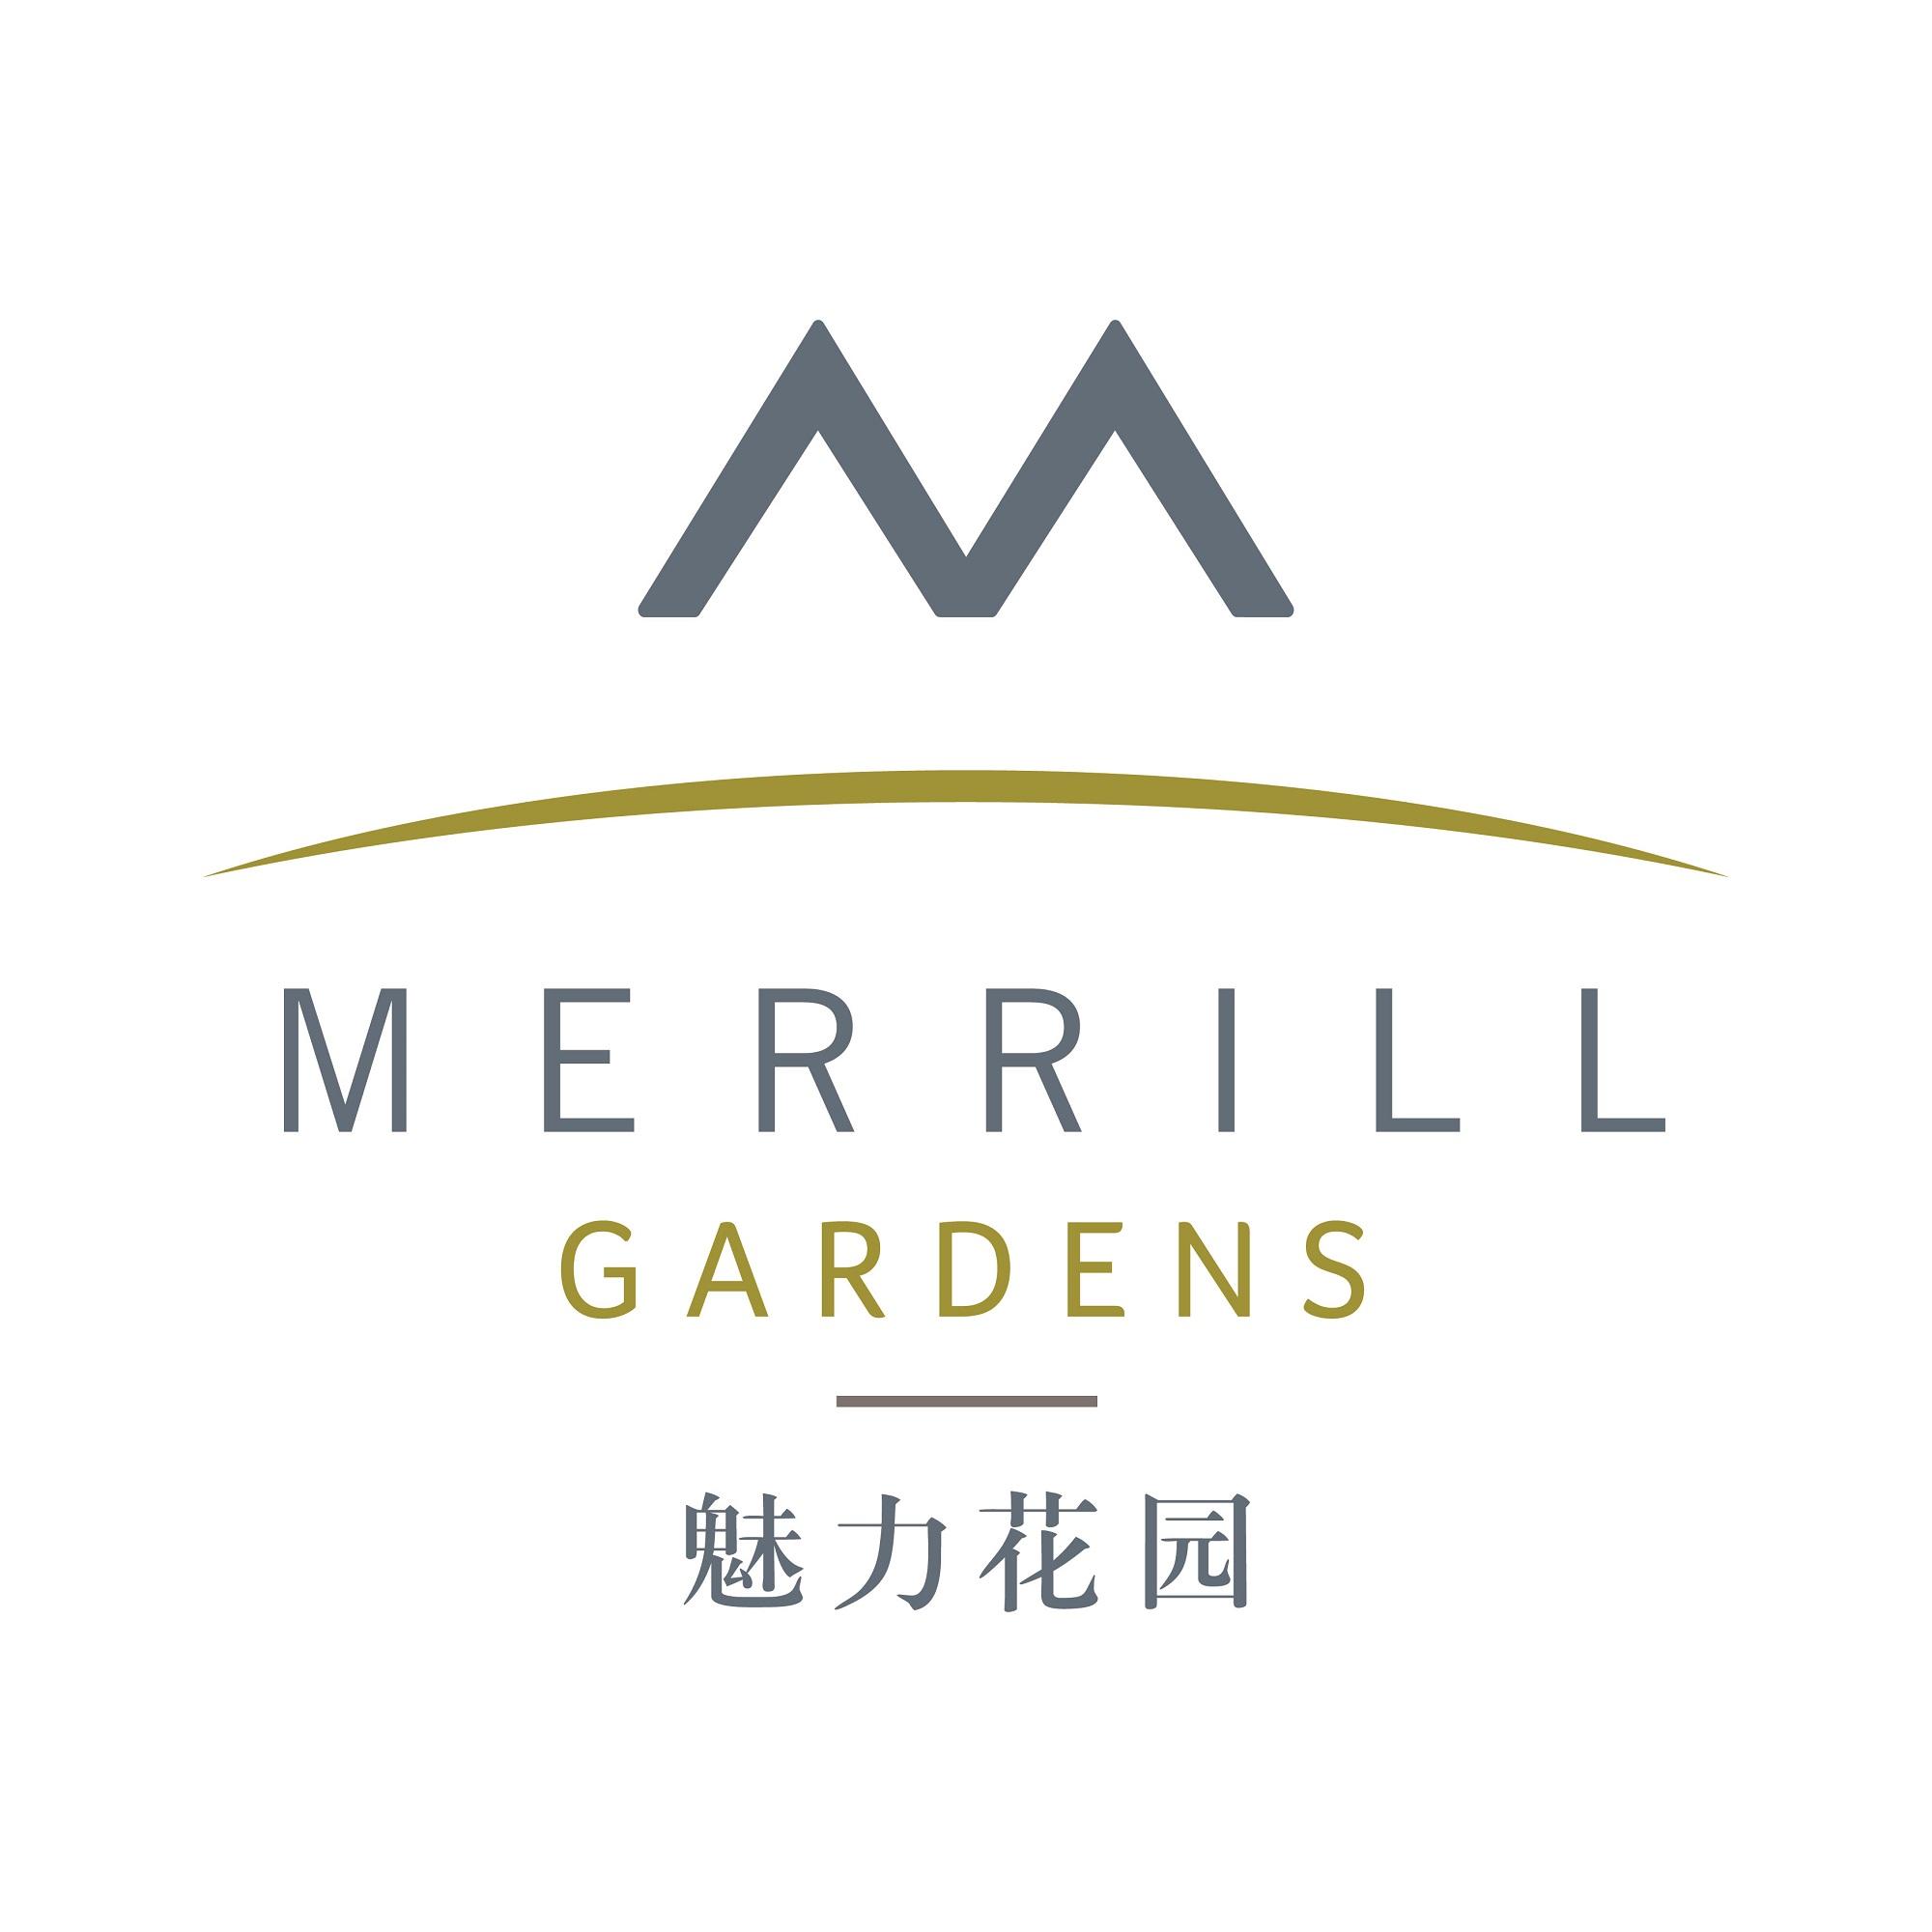 美瑞老年服务(上海)有限公司-第五届中国国际老龄产业博览会